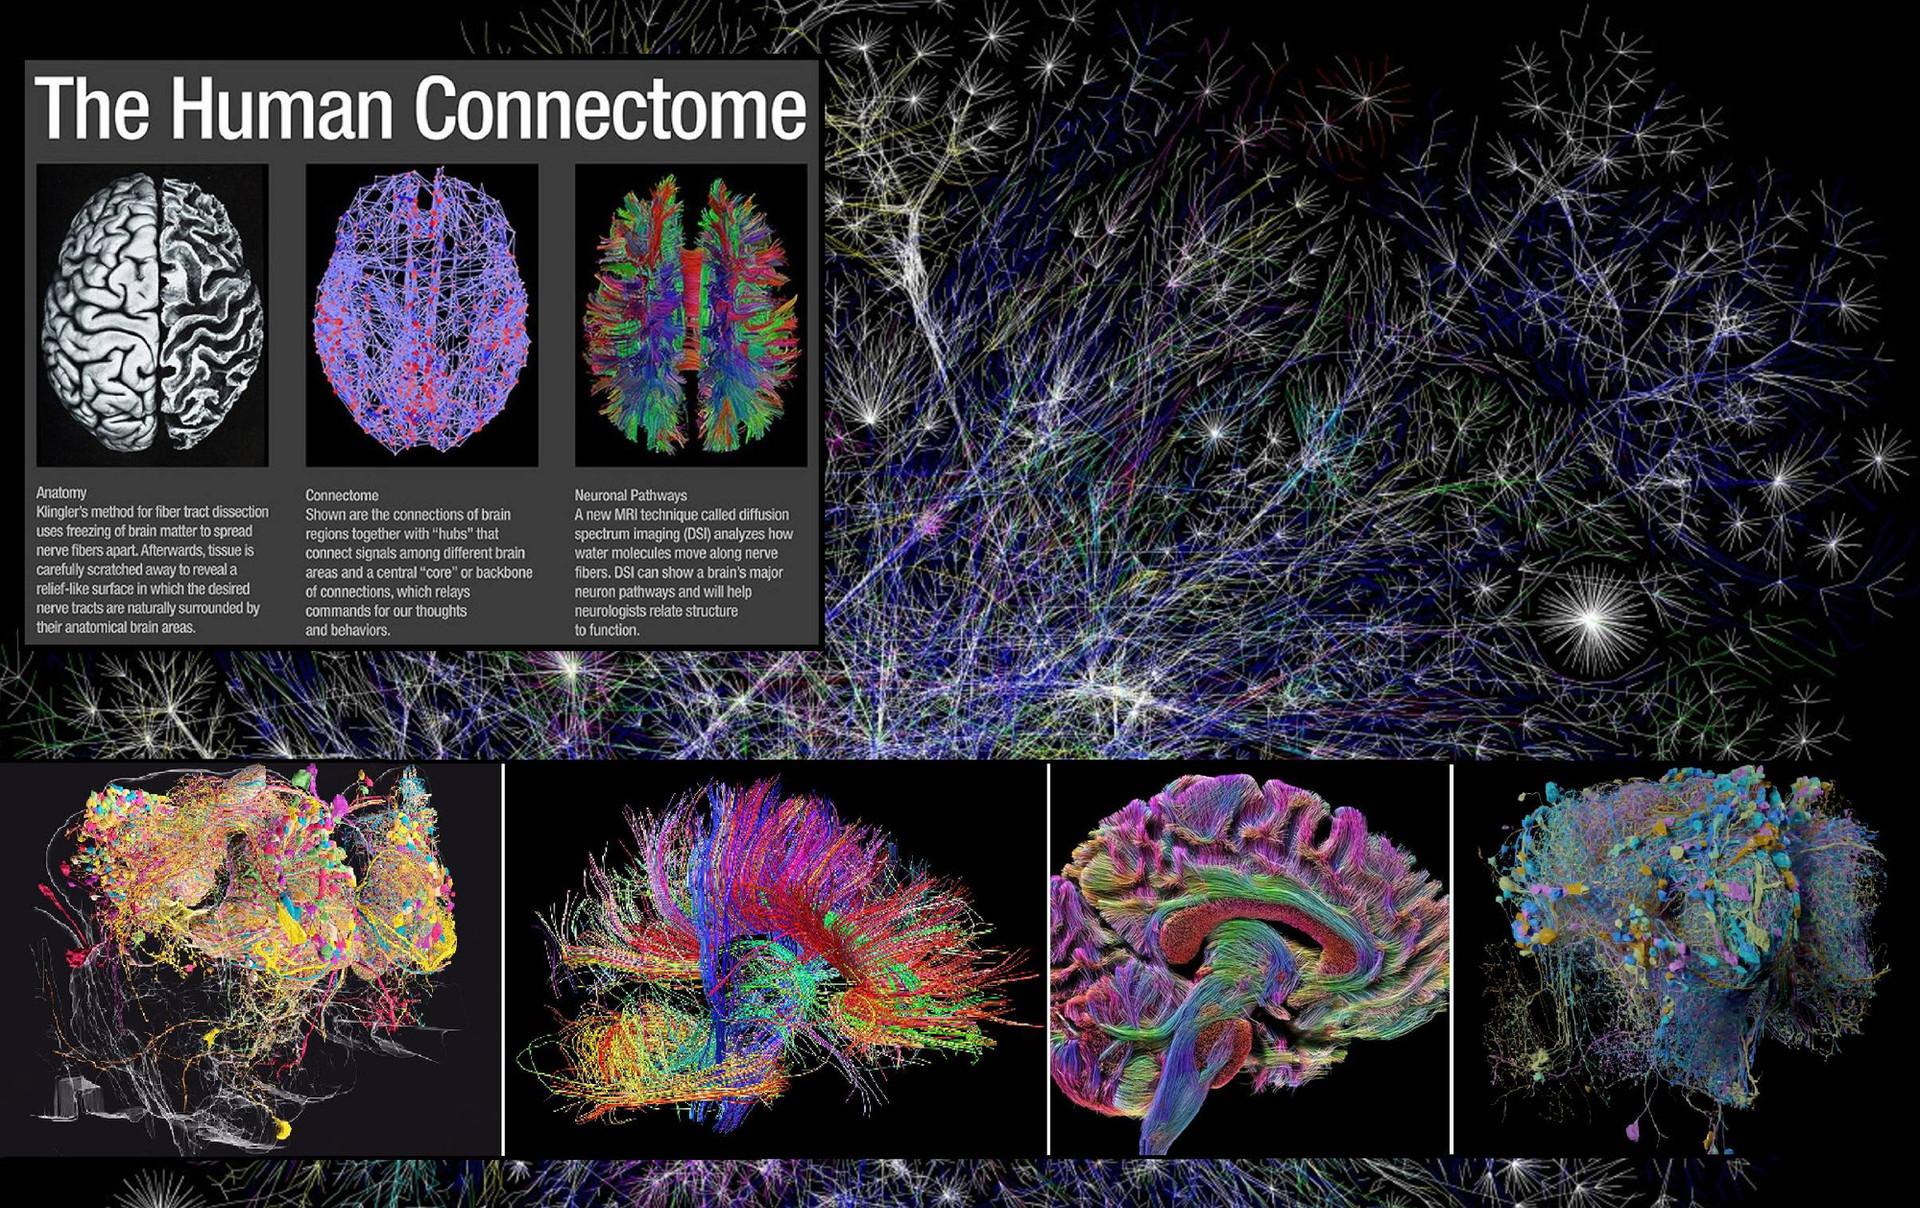 Chúng ta sẽ tải được não bộ lên máy tính để bất tử trong vòng 100 năm nữa?-2